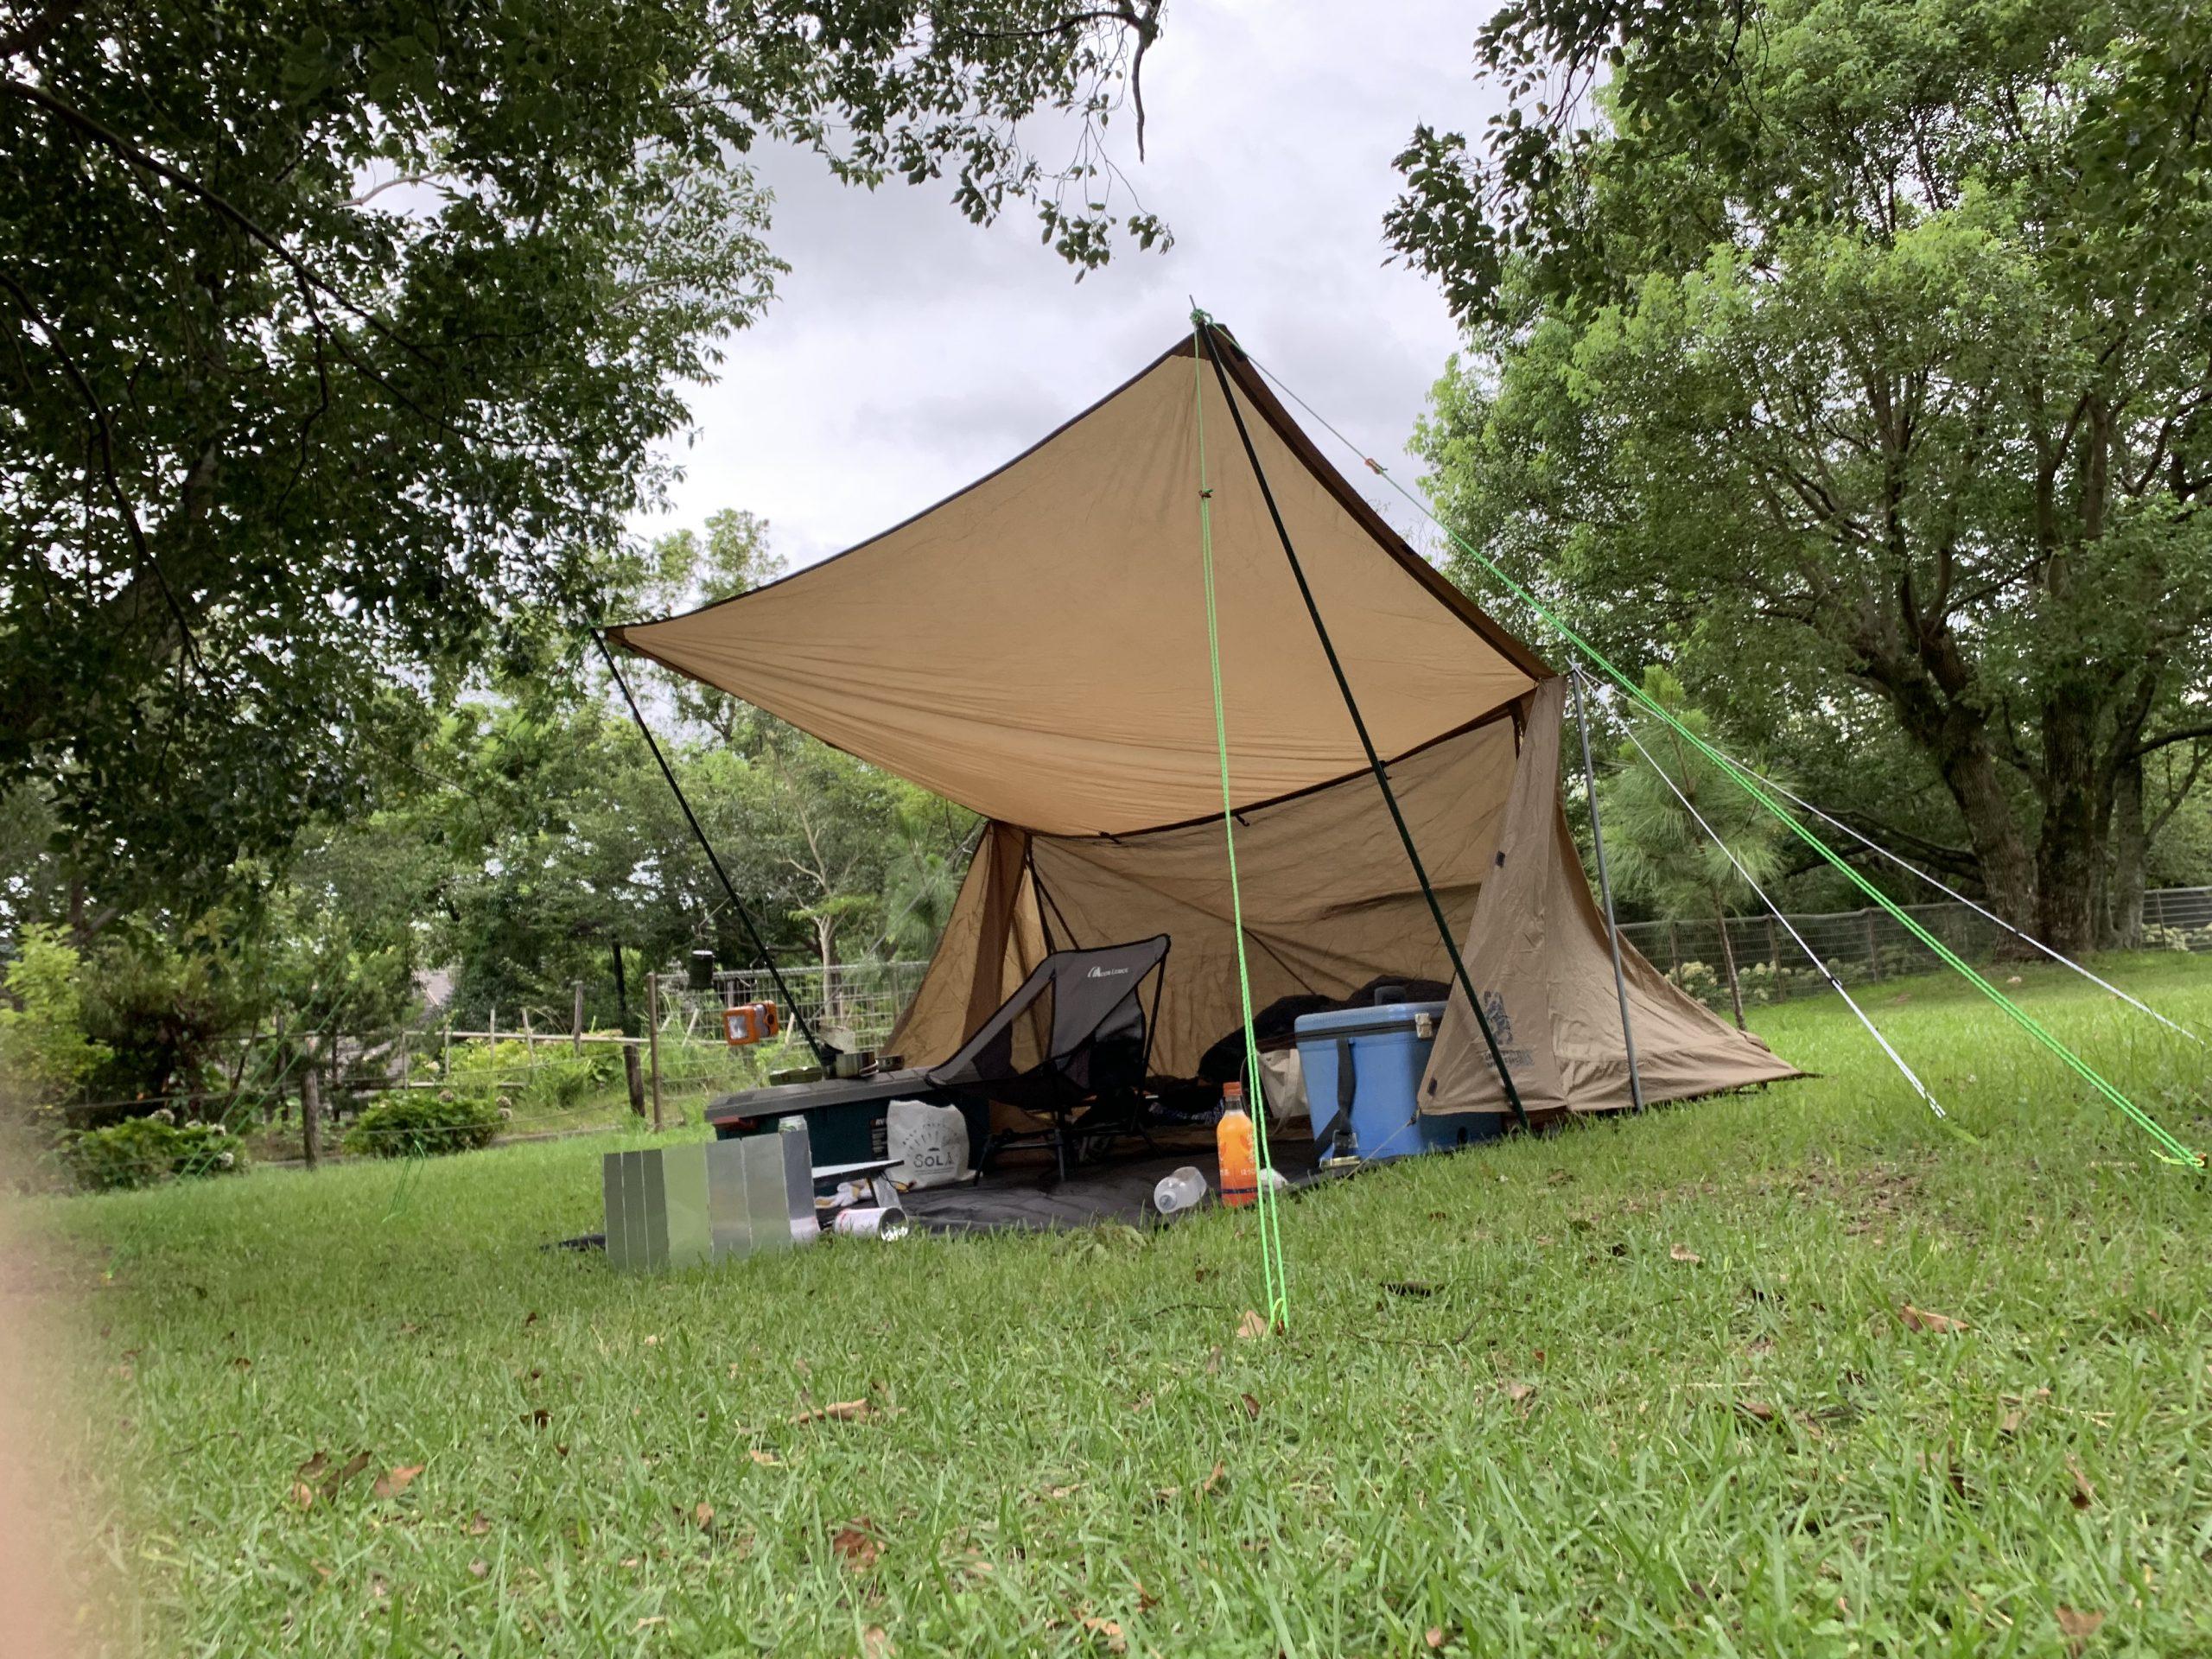 マンボウで鹿児島県内のキャンプ場は利用可能?不可? イメージ画像